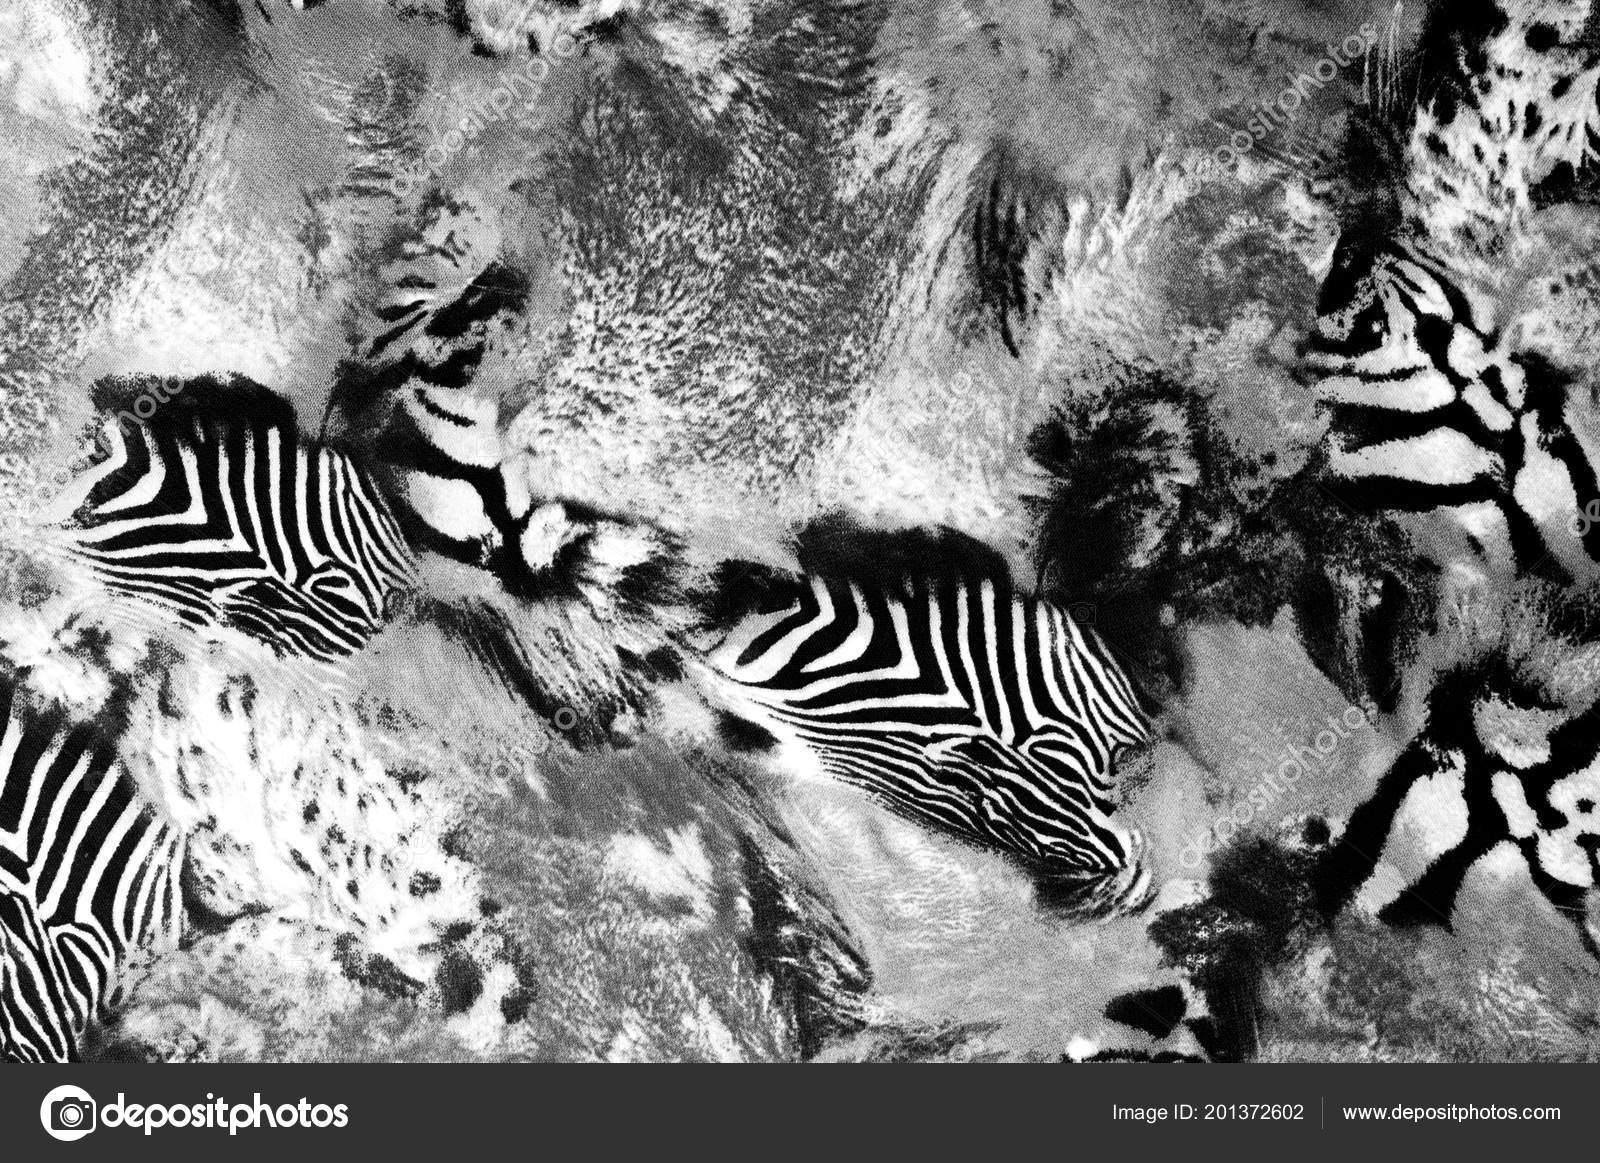 Fondo de textura acabado su colección inspirada en safari con este negro y  blanco Zebra impresa gasa con la cebra osadamente striped imprimir esta  gasa ... e65f5973b3f